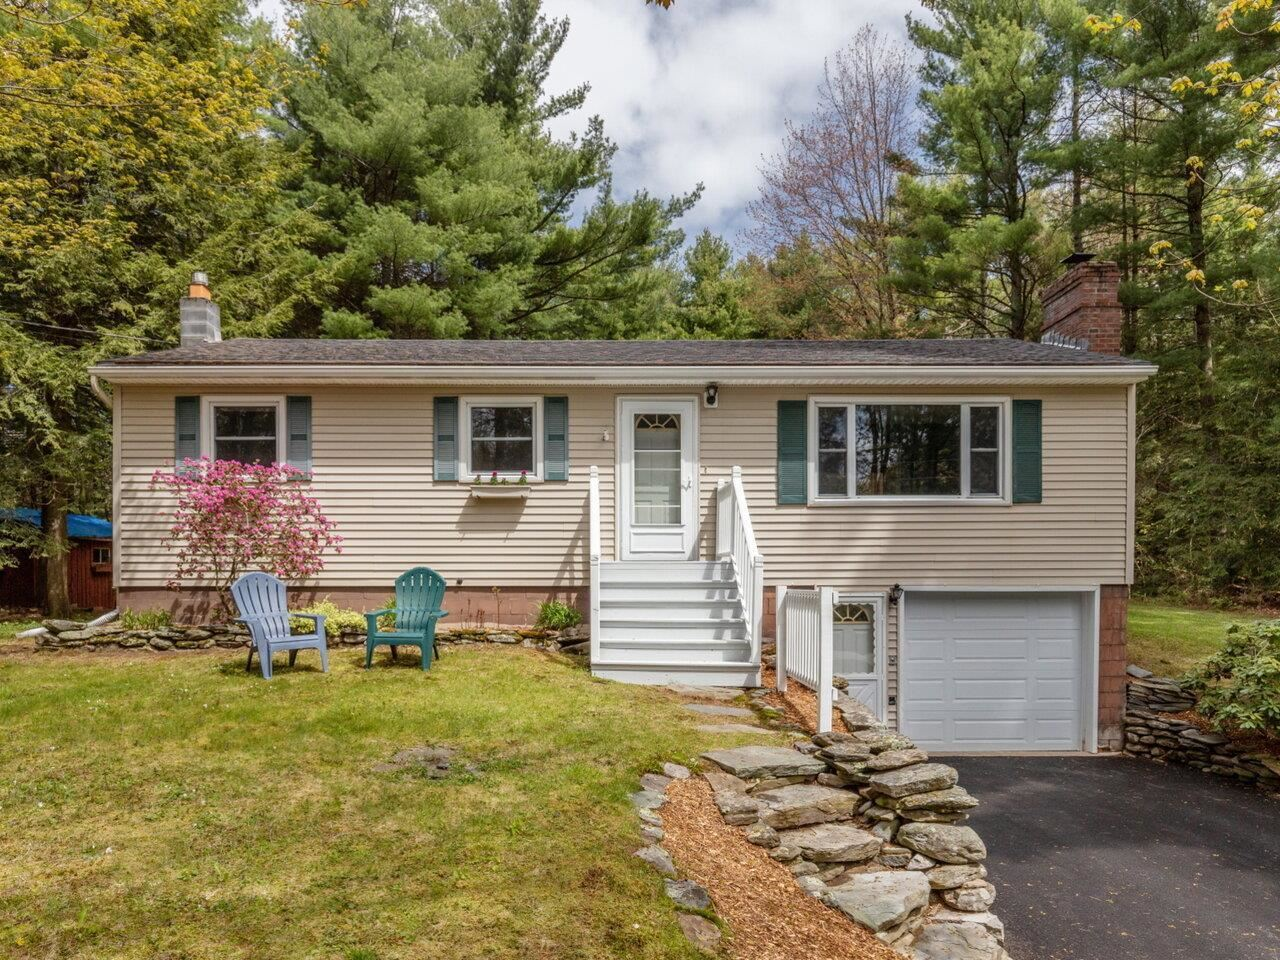 389 Cedarwood Terrace, Milton, VT 05468 - MLS#: 4860813